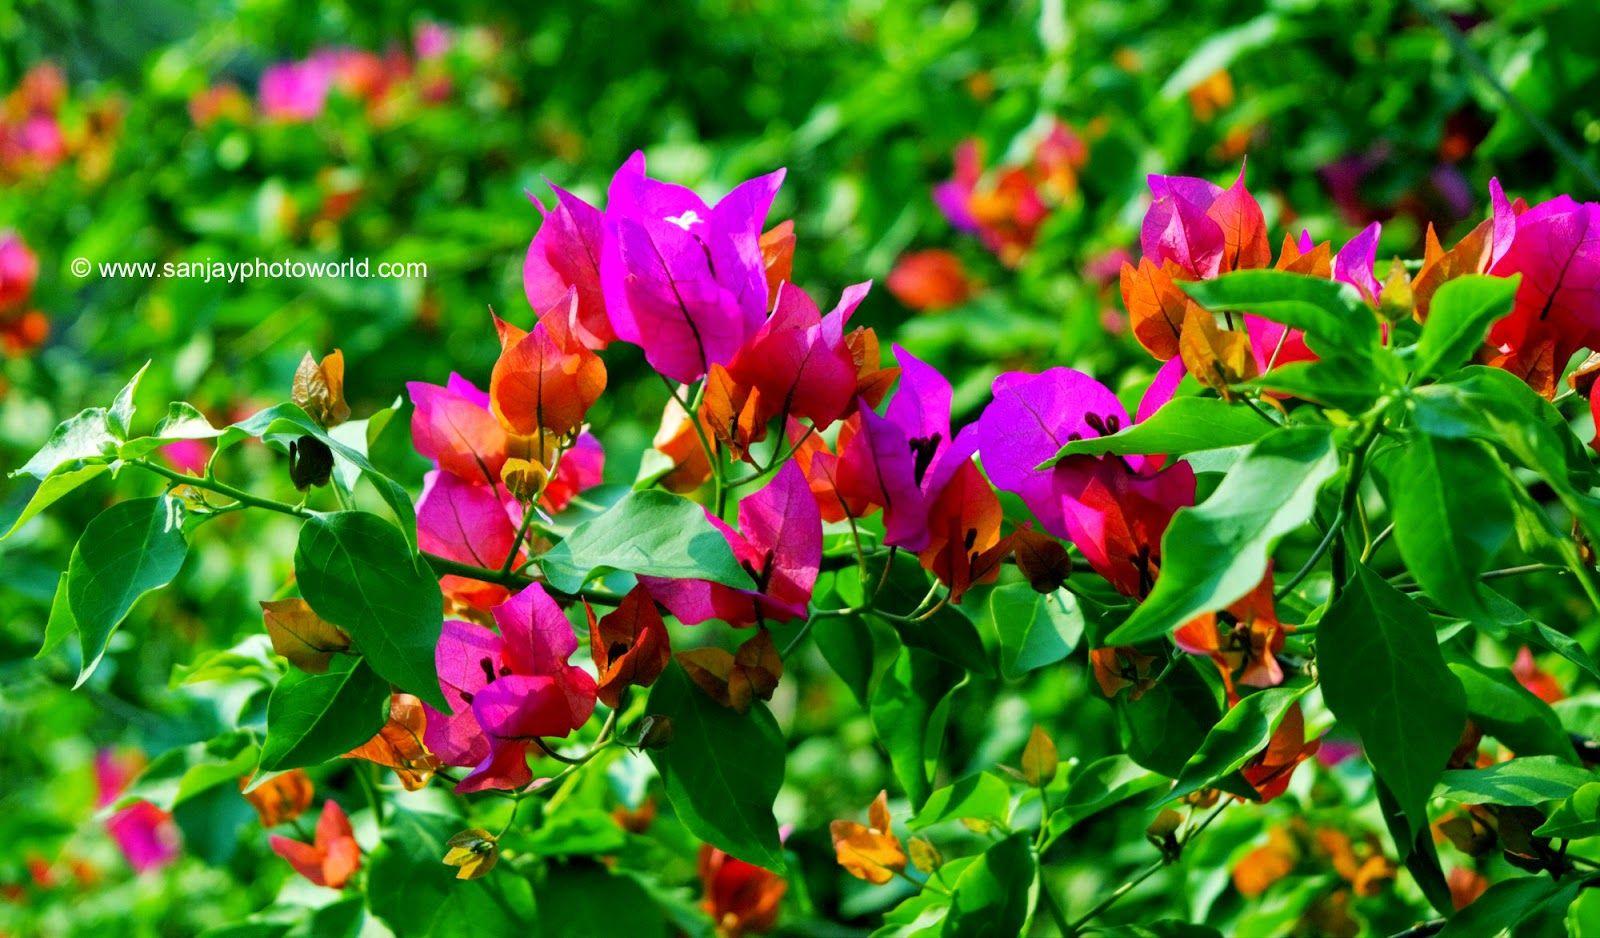 Flower Background Wallpaper For Adobe Photoshop Free Download Flower Background Wallpaper Hd Nature Wallpapers Nature Wallpaper